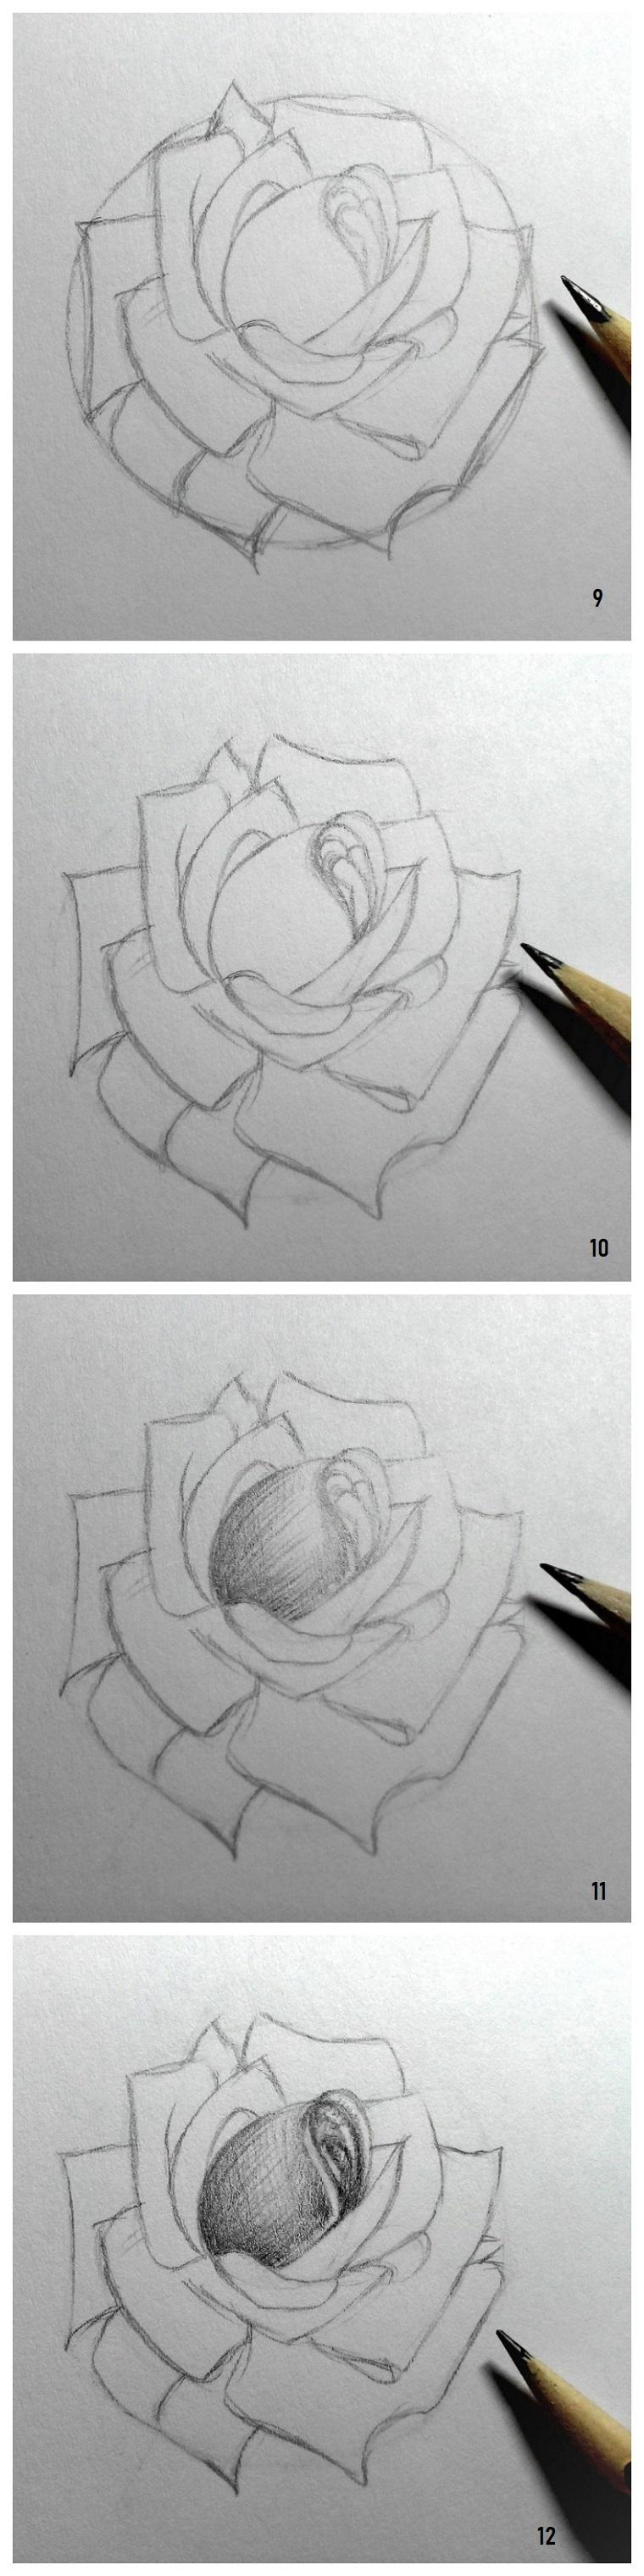 Disegni da copiare facili e belli, disegno di una rosa, disegnare con matita